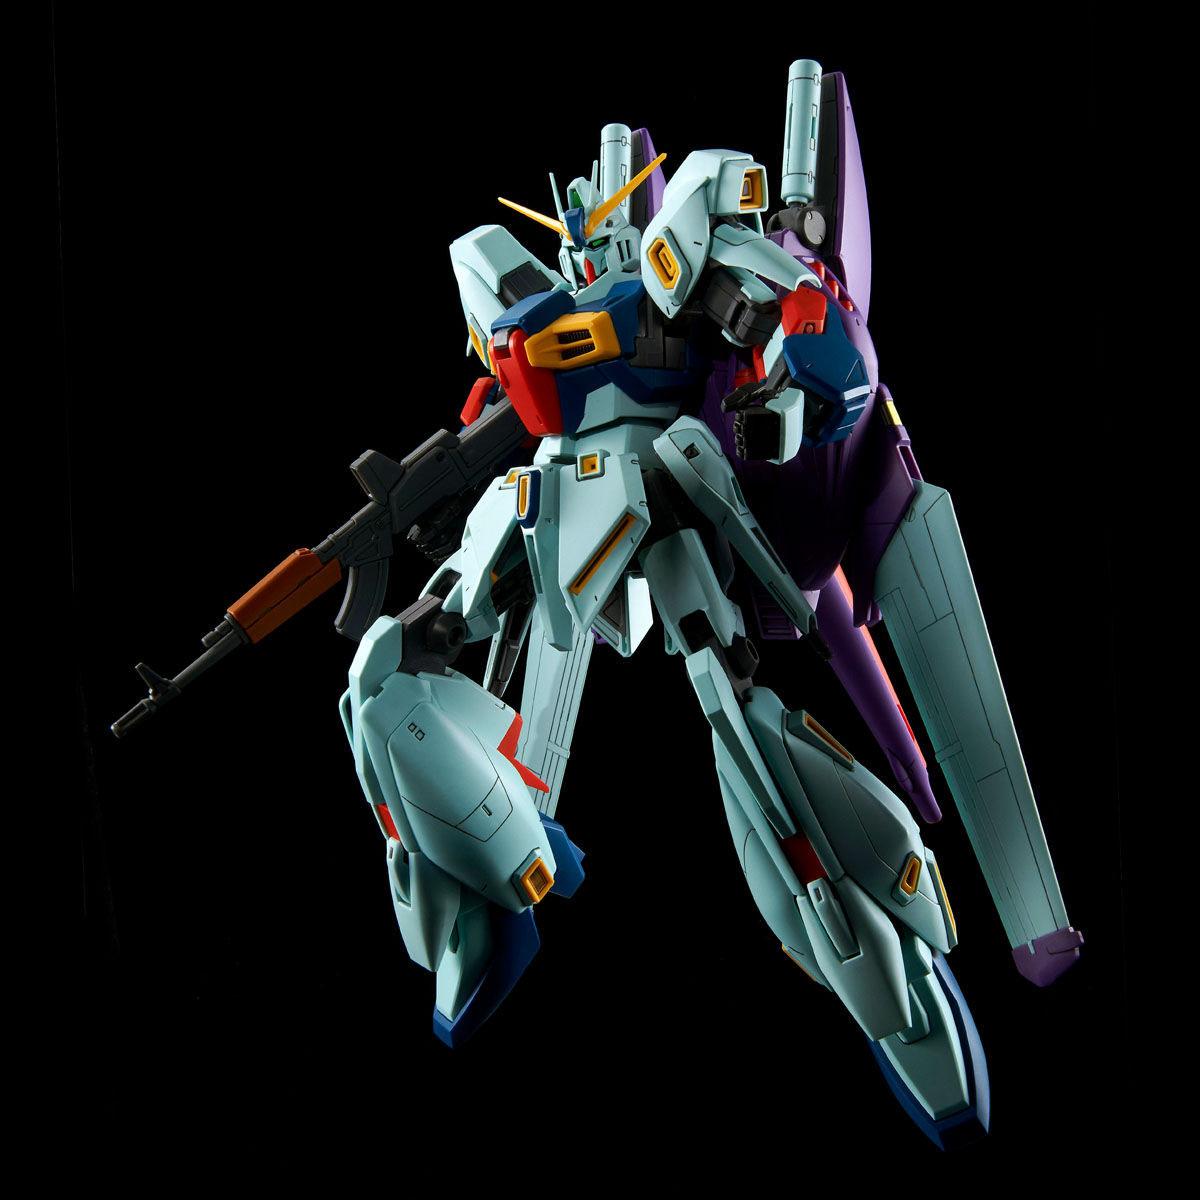 MG 1/100『リ・ガズィ・カスタム』ガンダムMSV プラモデル-008